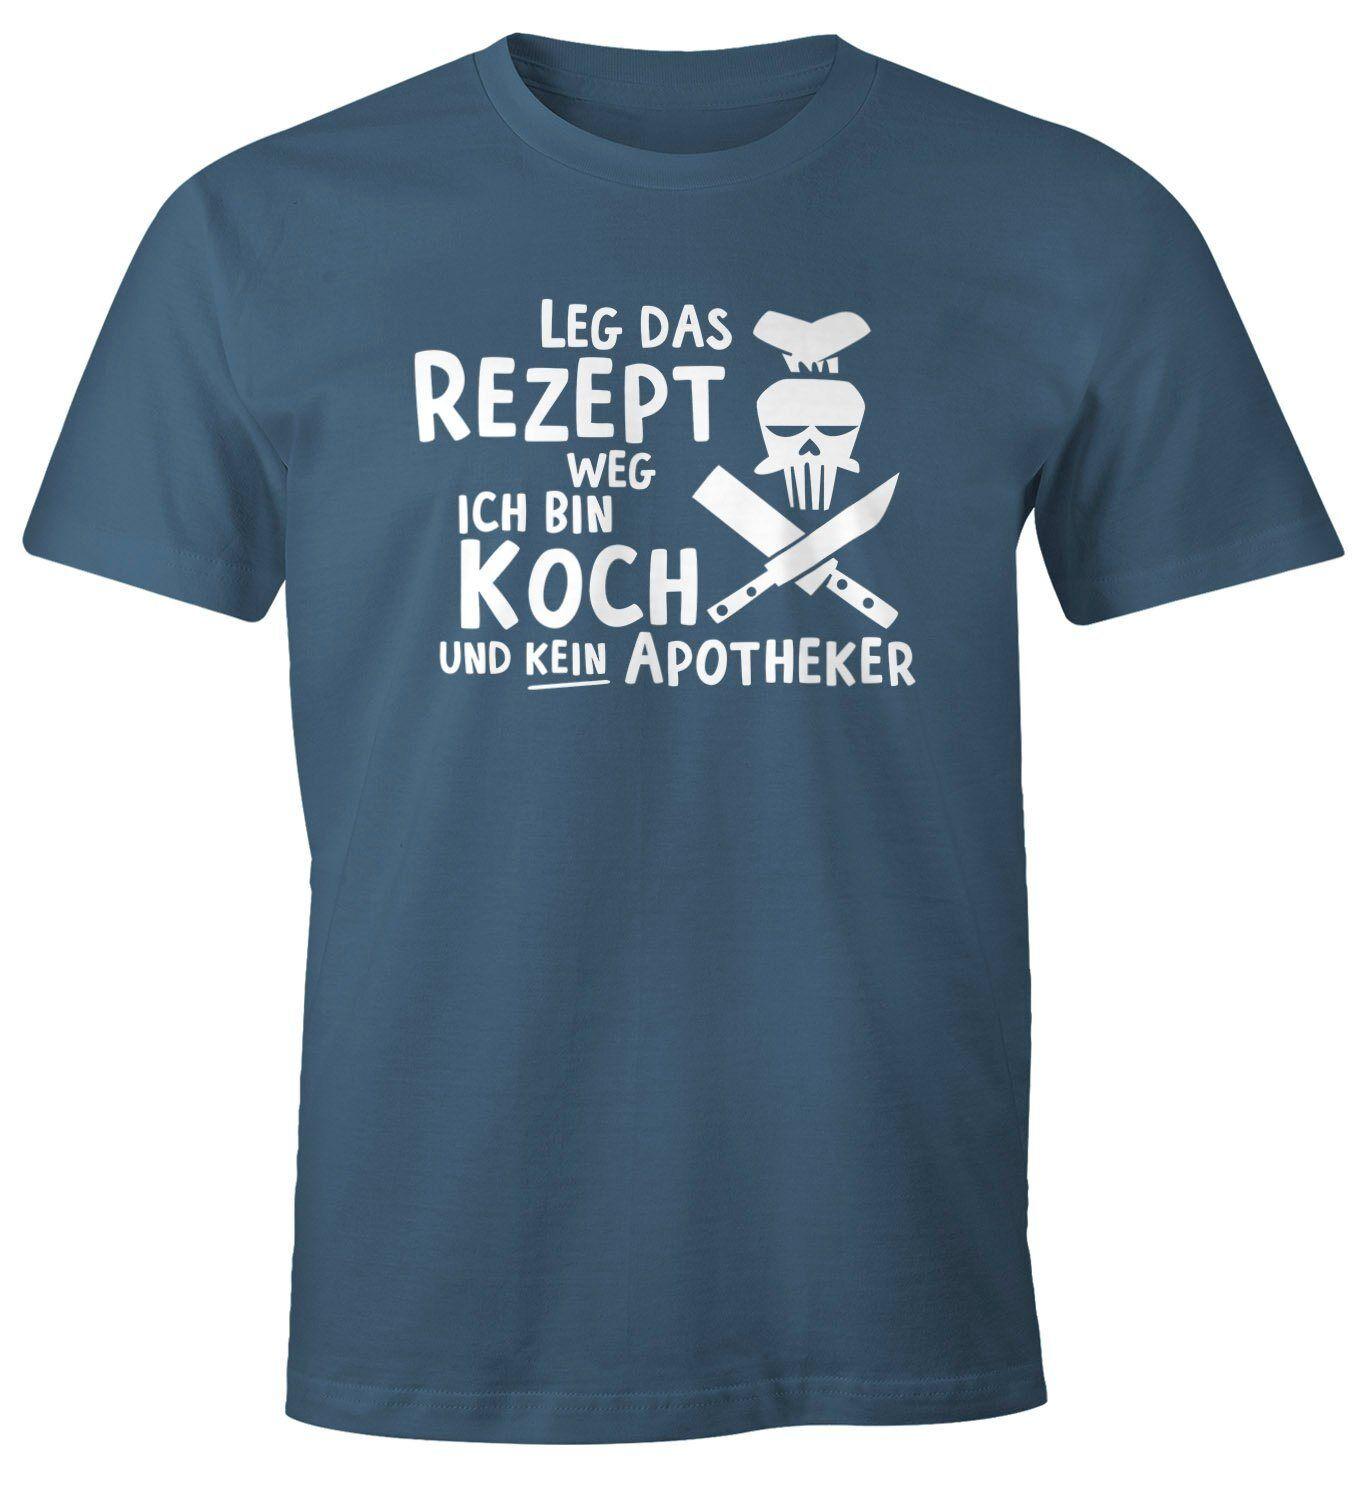 MoonWorks Print-Shirt »Herren T-Shirt Leg das Rezept weg ich bin Koch und kein Apotheker Fun-Shirt Spruch-Shirt Foodie Küche ®« mit Print, blau